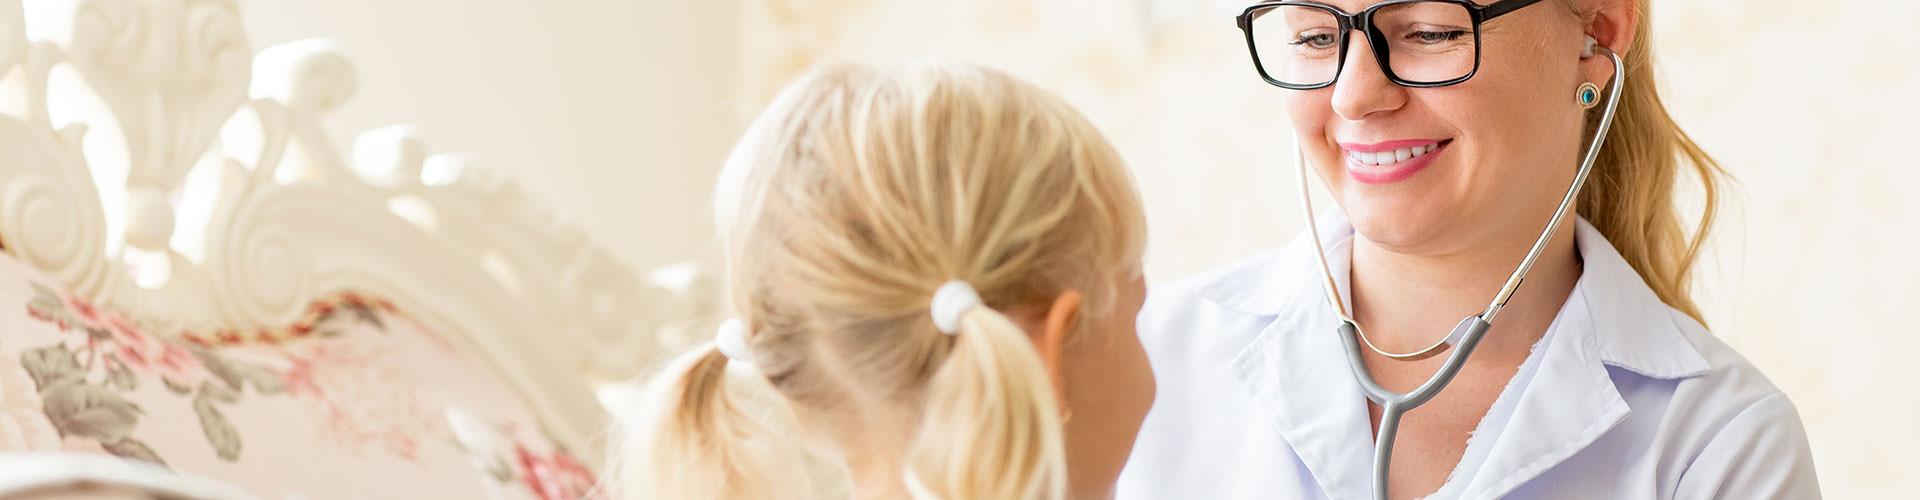 Medici Pediatri